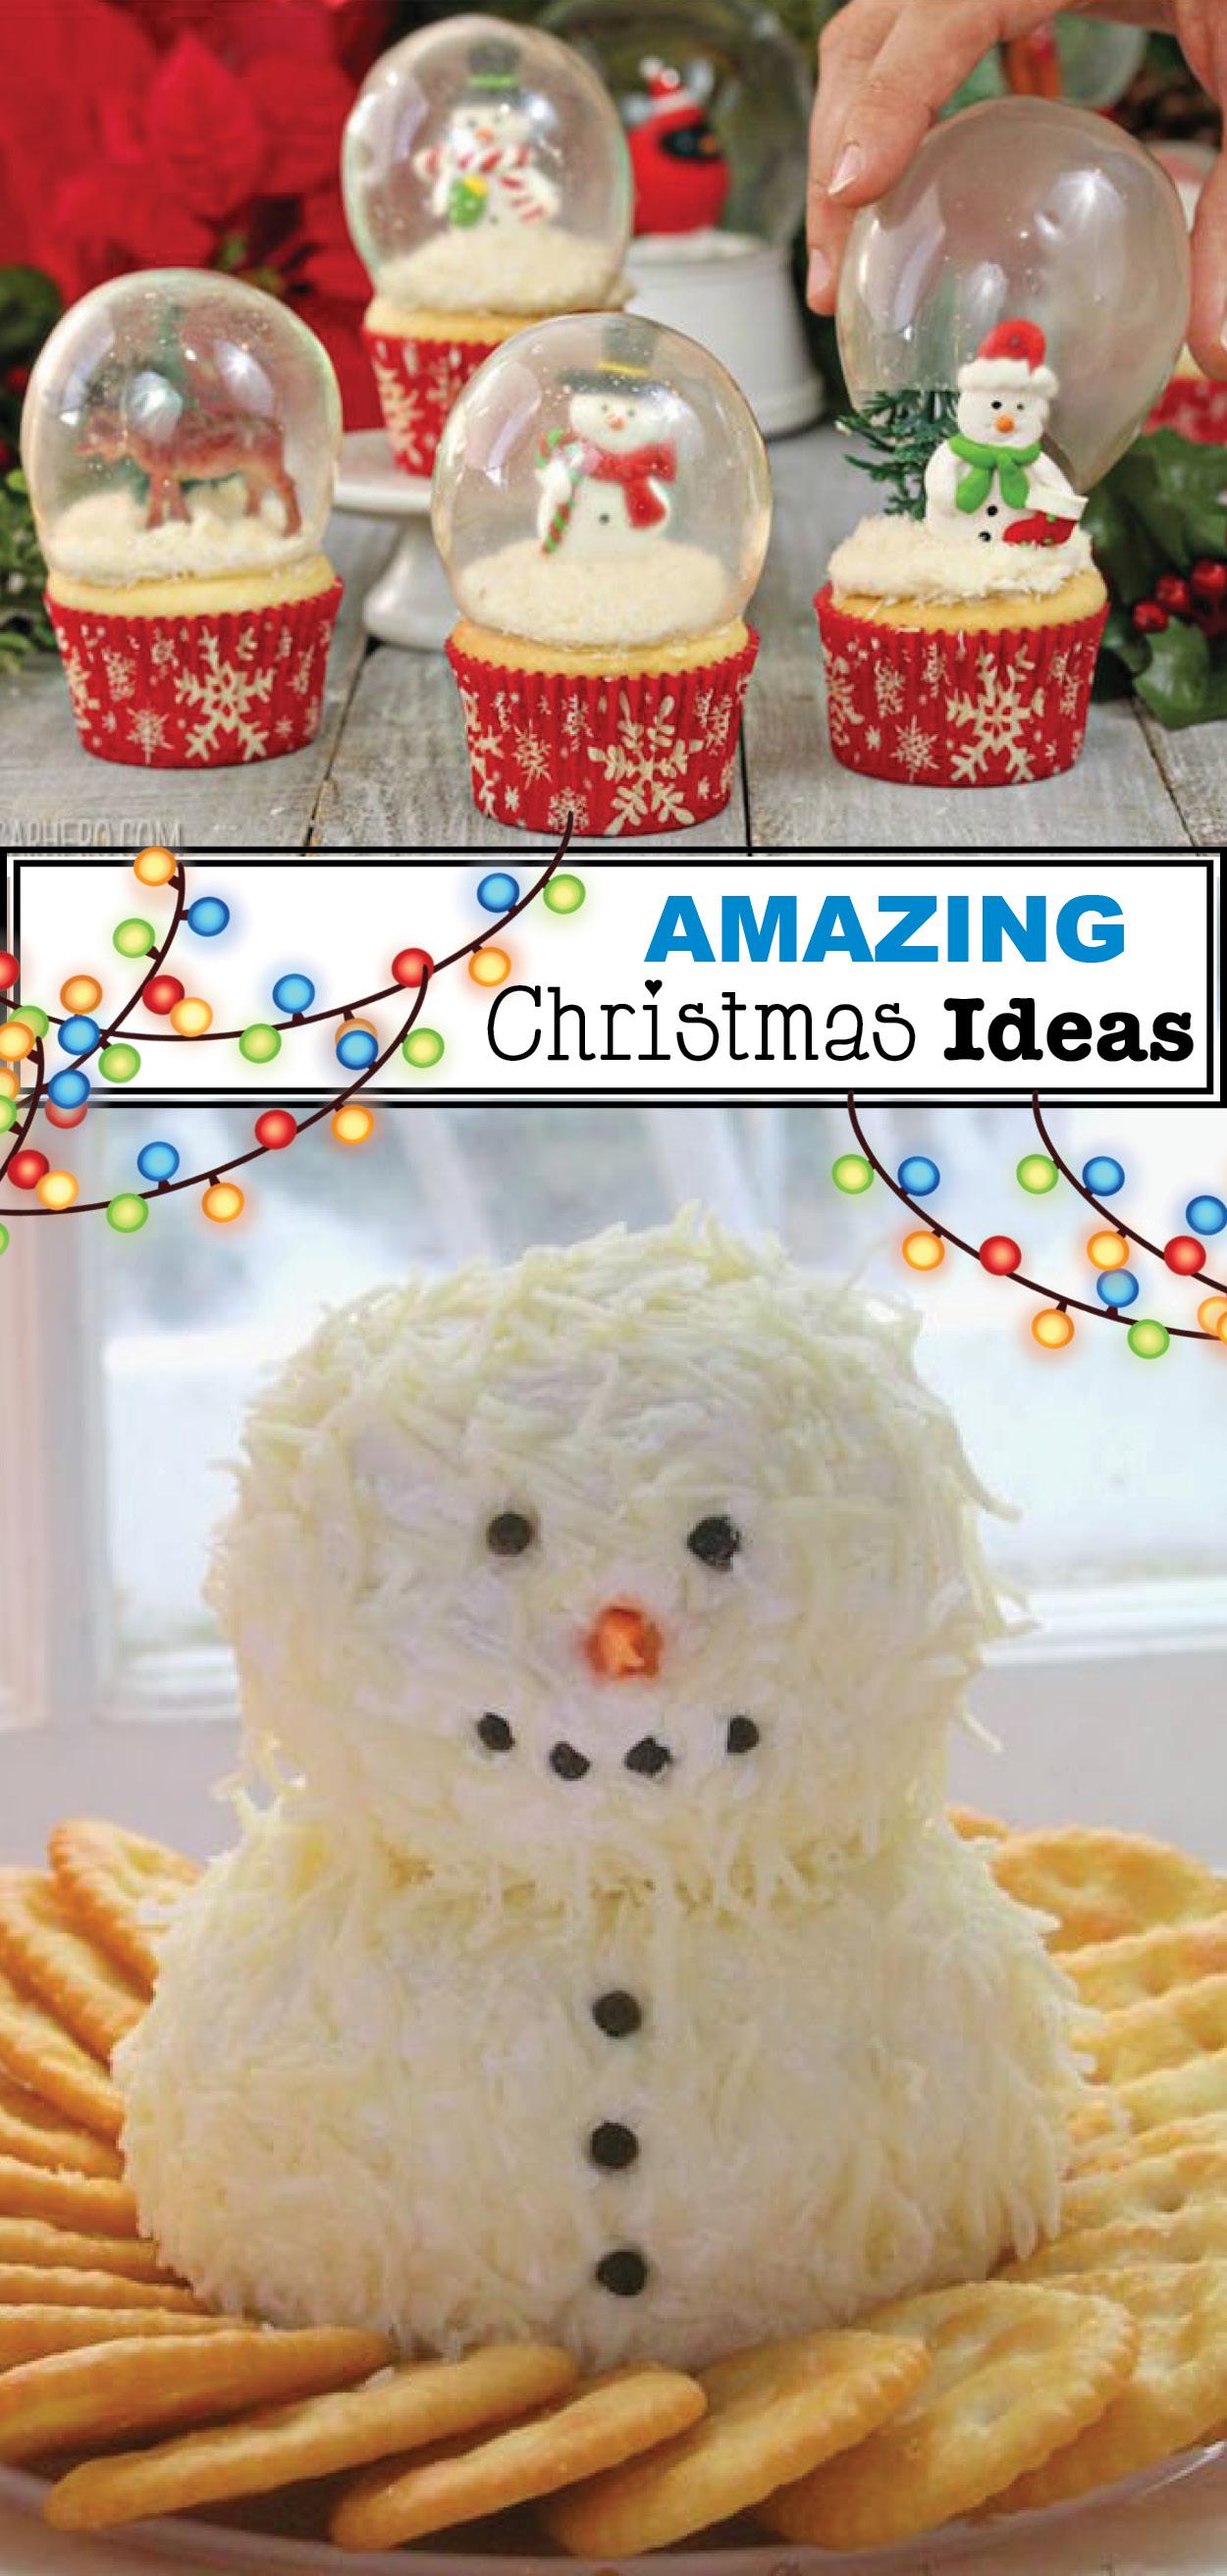 Amazing Christmas Ideas